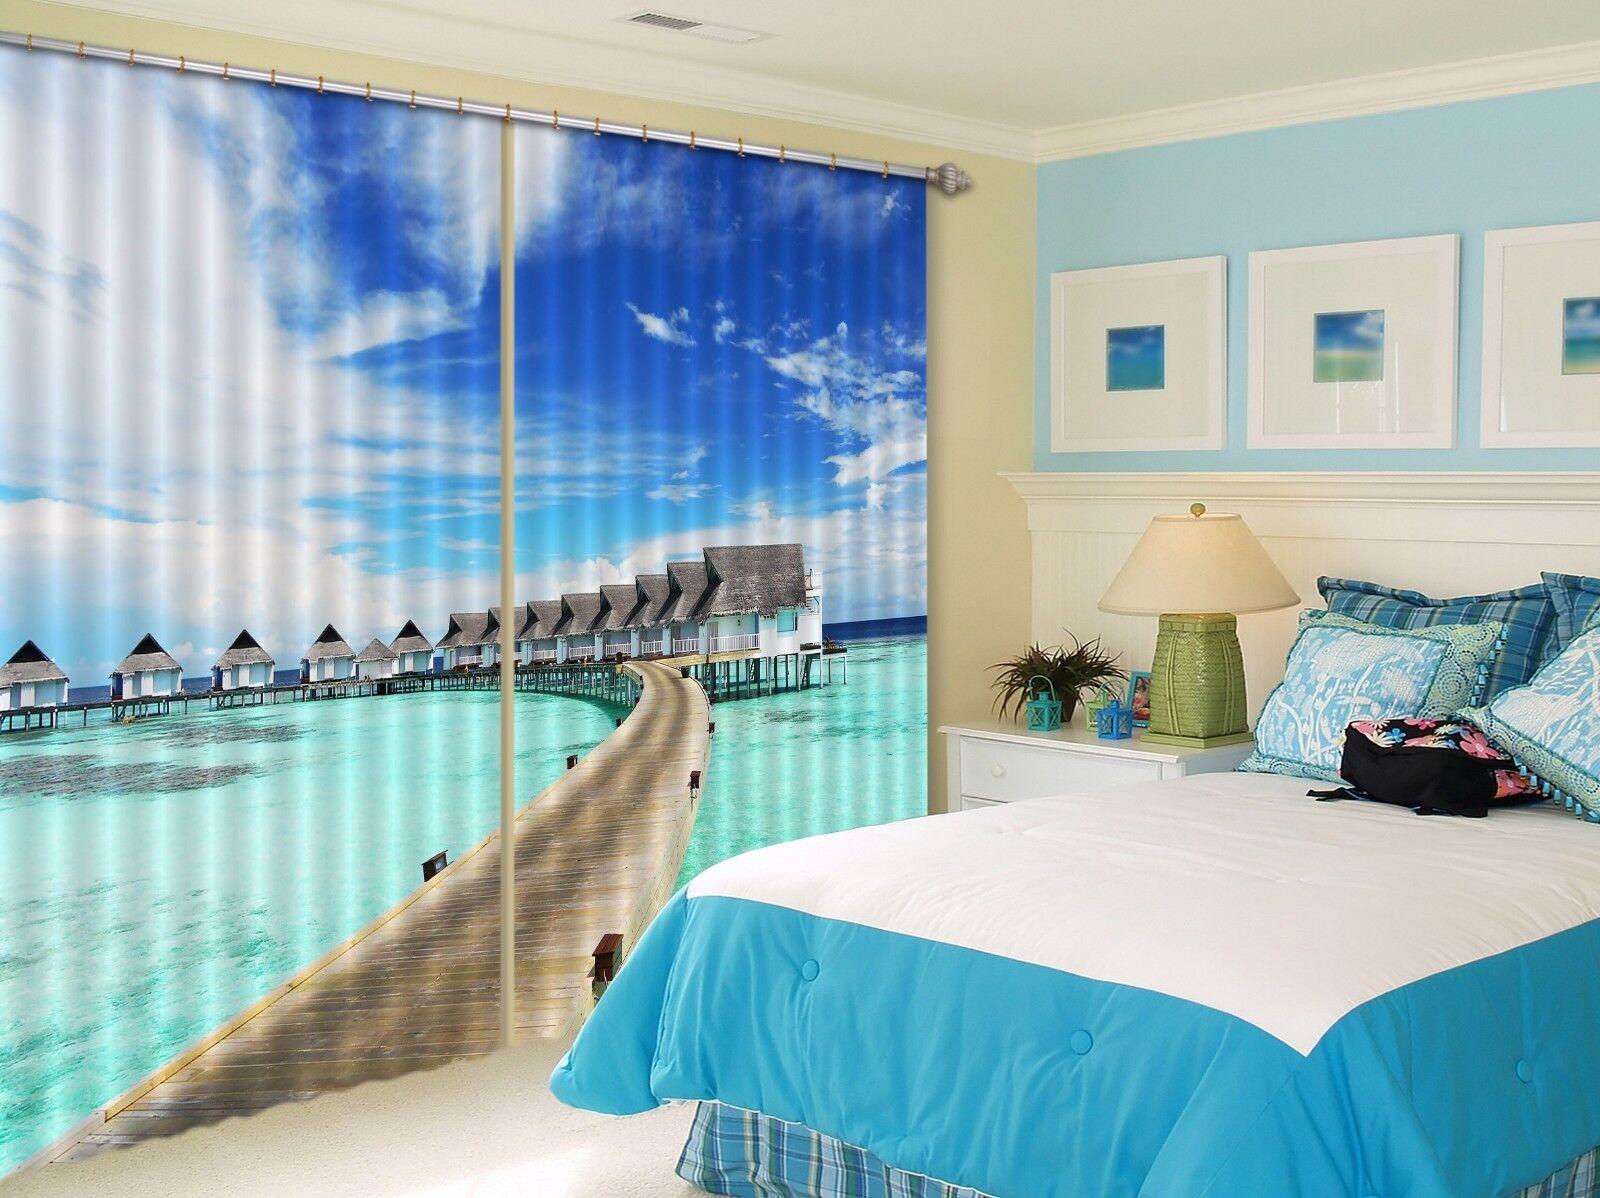 3d ondas cielo bloqueo 69 cortina de fotografía presión cortinas cortina de tela de ventana